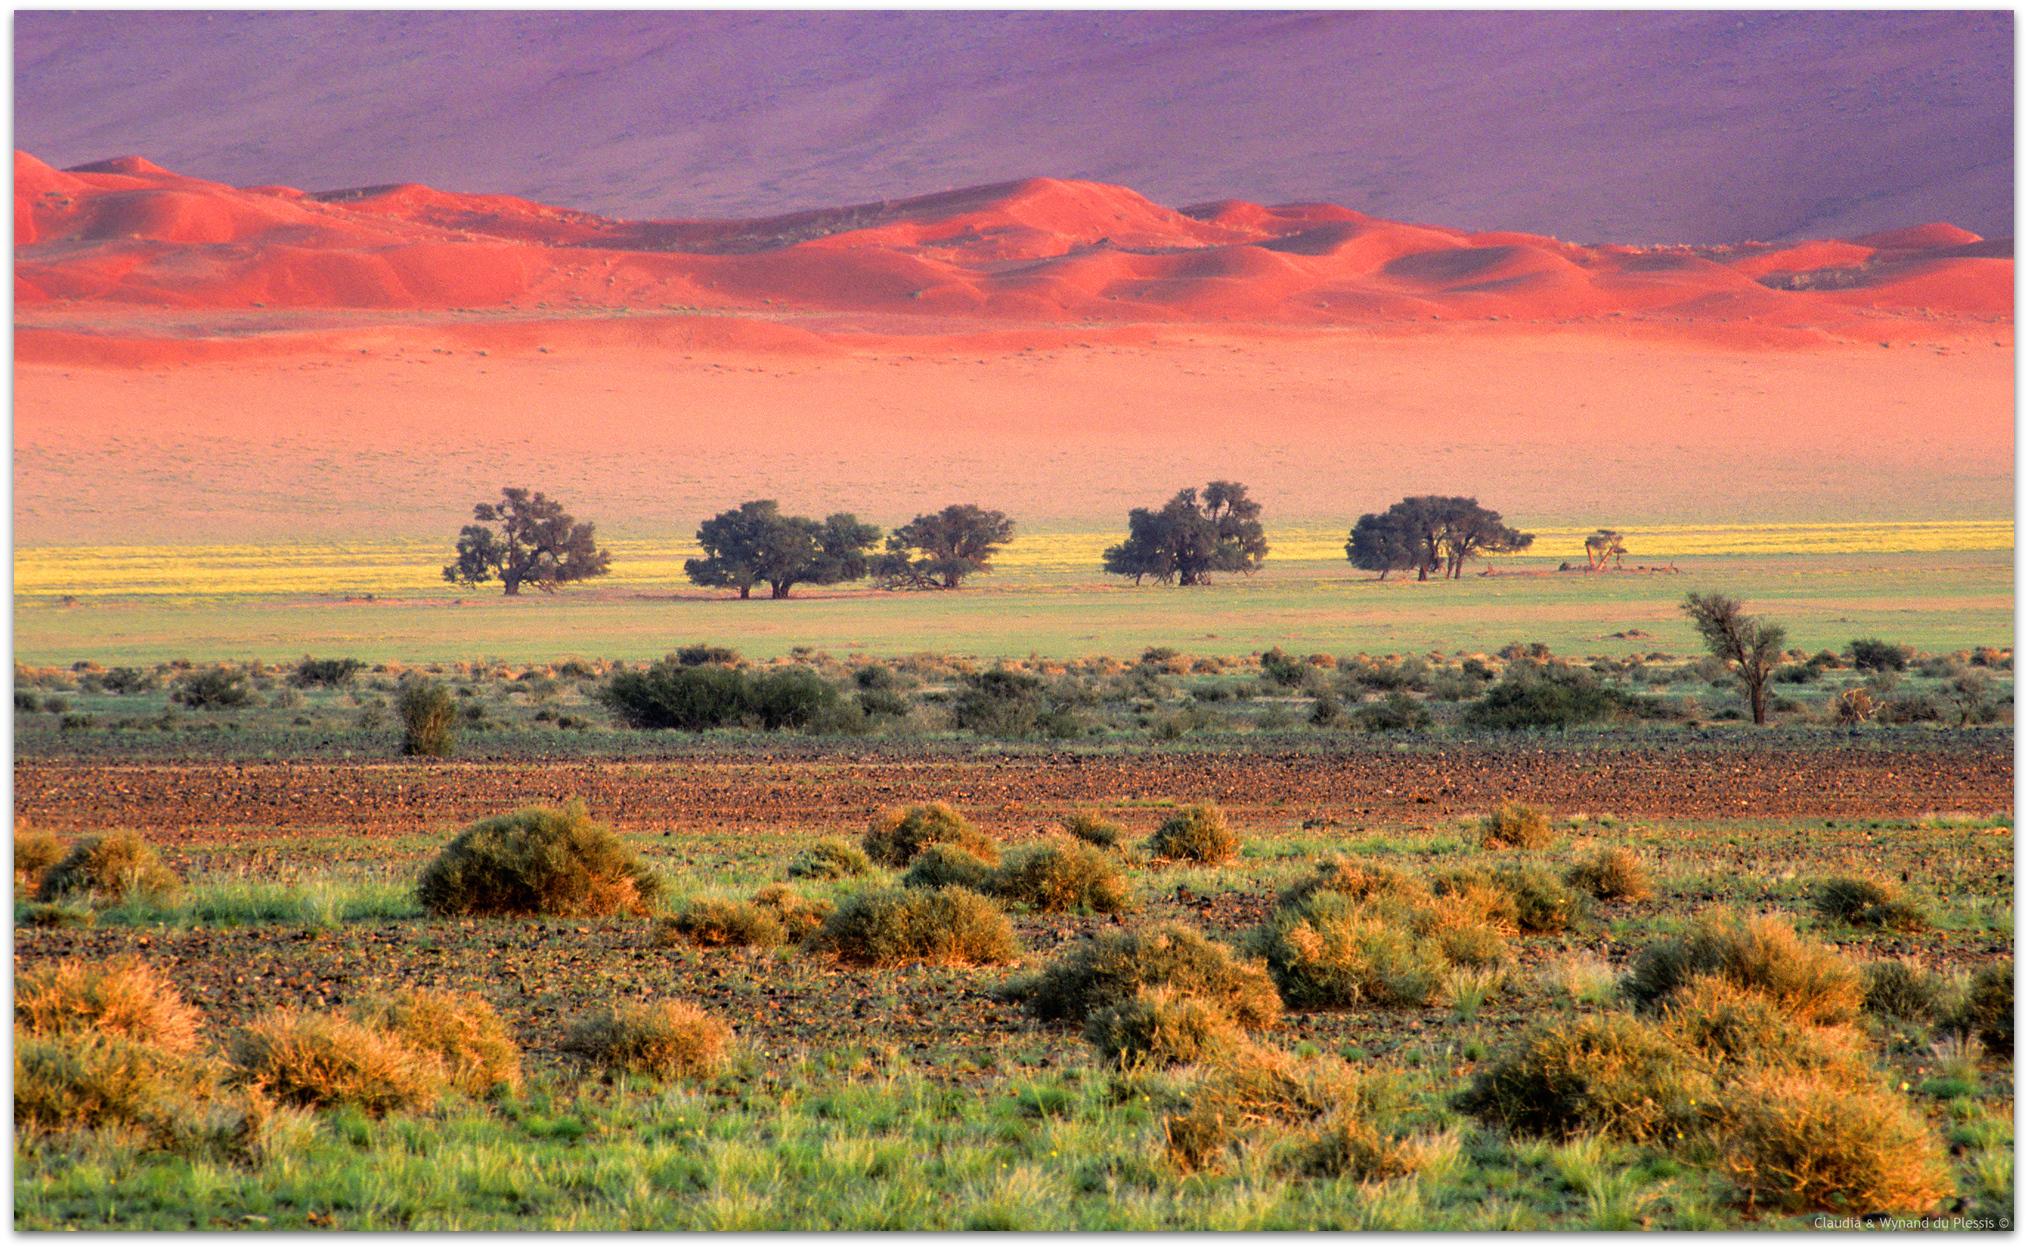 gravel plains west of Sesriem